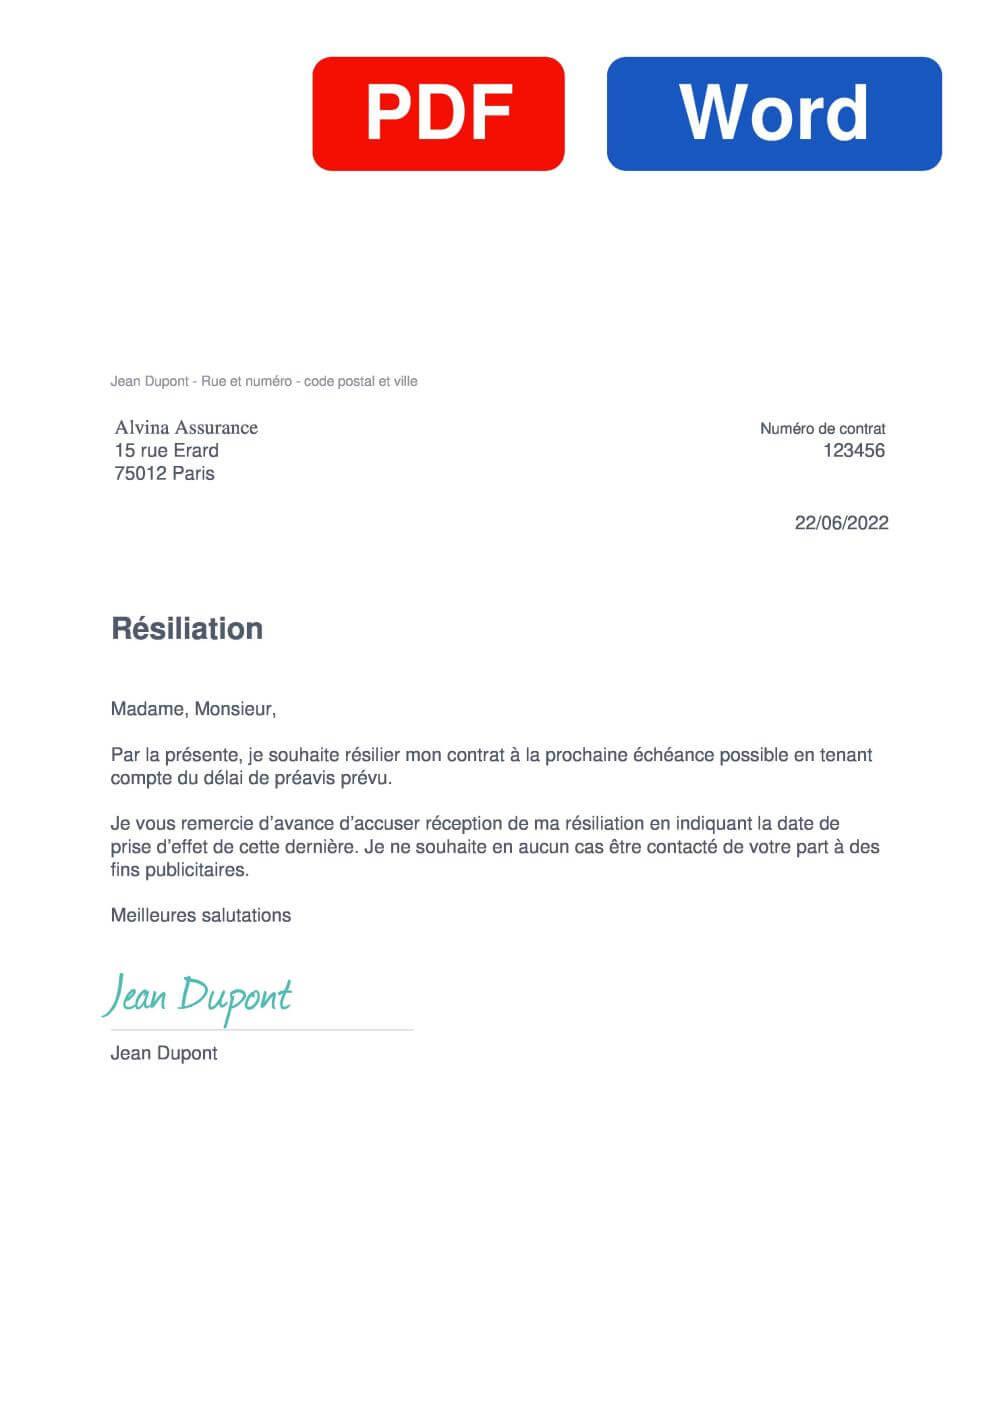 Alvina mobile Assurance Modèle de lettre de résiliation